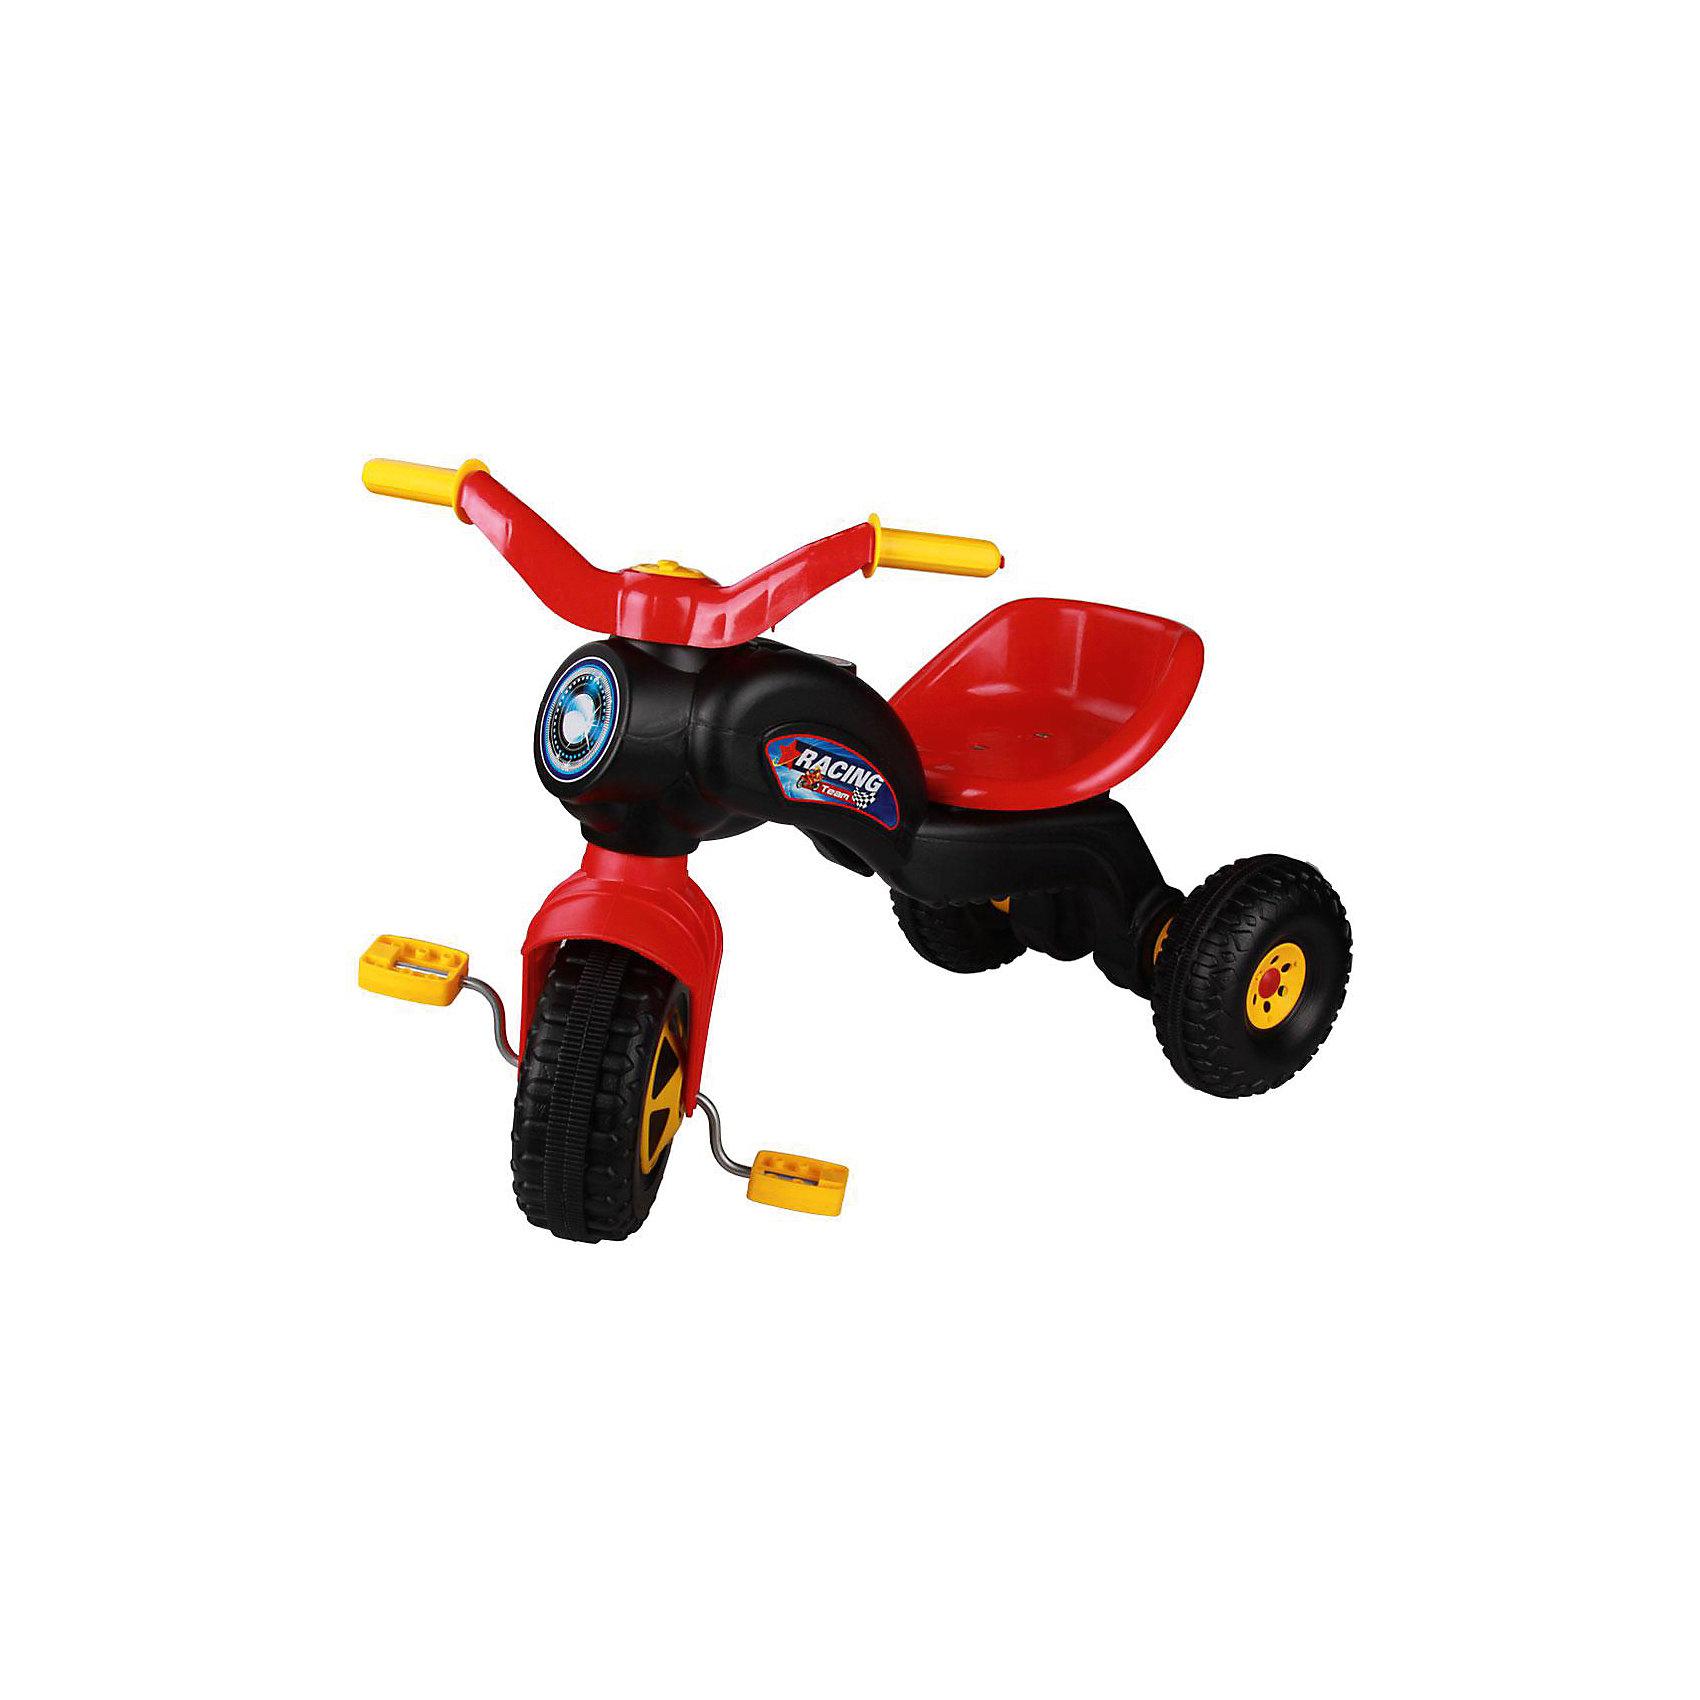 Велосипед трехколесный Чемпион ,  Alternativa, черныйТрехколесный велосипед Чемпион отлично подойдет в качестве первого транспорта малыша. Модель имеет удобное сидение и наклейки в виде фары. Велосипед очень компактный, его легко можно взять с собой на прогулку. Приятный дизайн понравится малышу, и он с удовольствием будет учиться кататься!<br><br>Дополнительная информация:<br>Цвет: черный<br>Размеры: 69х39,7х49,5 см<br>Материал: пластик, металл<br><br>Трехколесный велосипед Чемпион можно купить в нашем интернет-магазине.<br><br>Ширина мм: 690<br>Глубина мм: 397<br>Высота мм: 495<br>Вес г: 2044<br>Возраст от месяцев: 36<br>Возраст до месяцев: 144<br>Пол: Унисекс<br>Возраст: Детский<br>SKU: 4979682